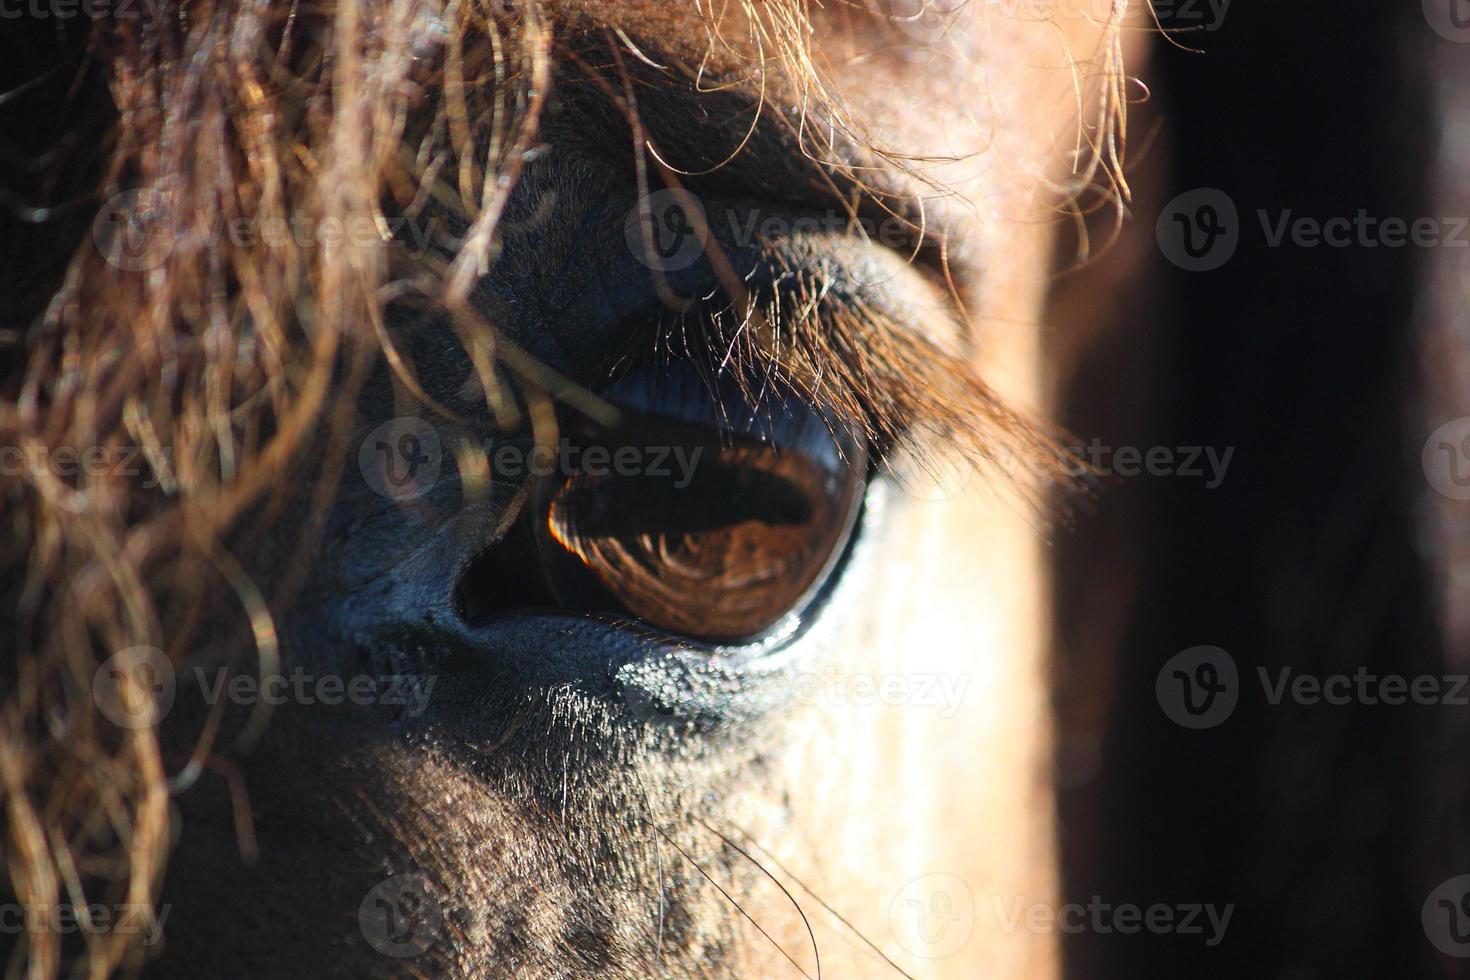 occhio di cavallo marrone e criniera da vicino foto